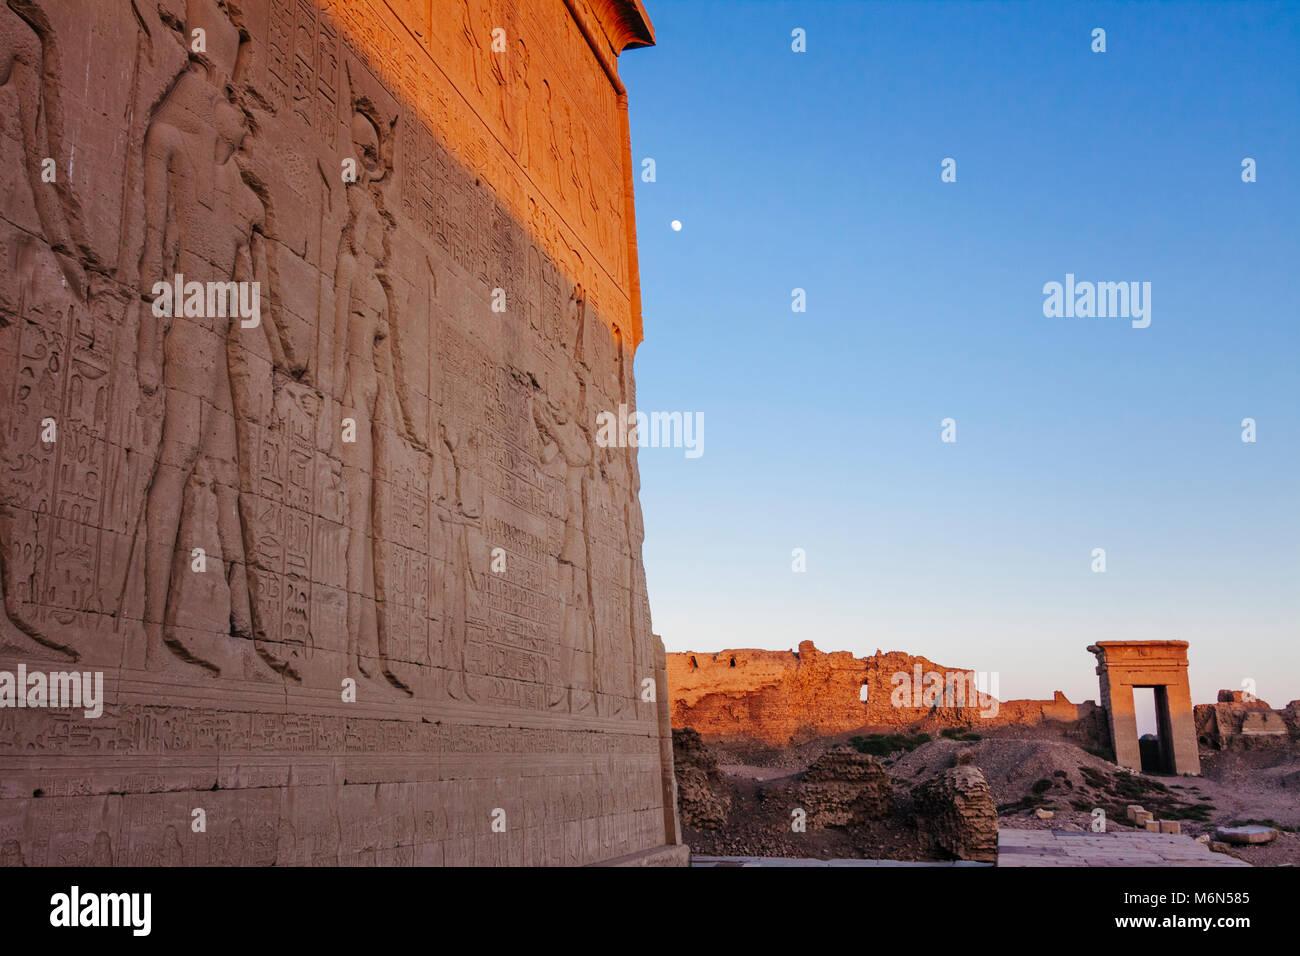 Bajo-relieves en el exterior del templo de Hathor con uno de los gateways del compuesto en el fondo al atardecer. Imagen De Stock